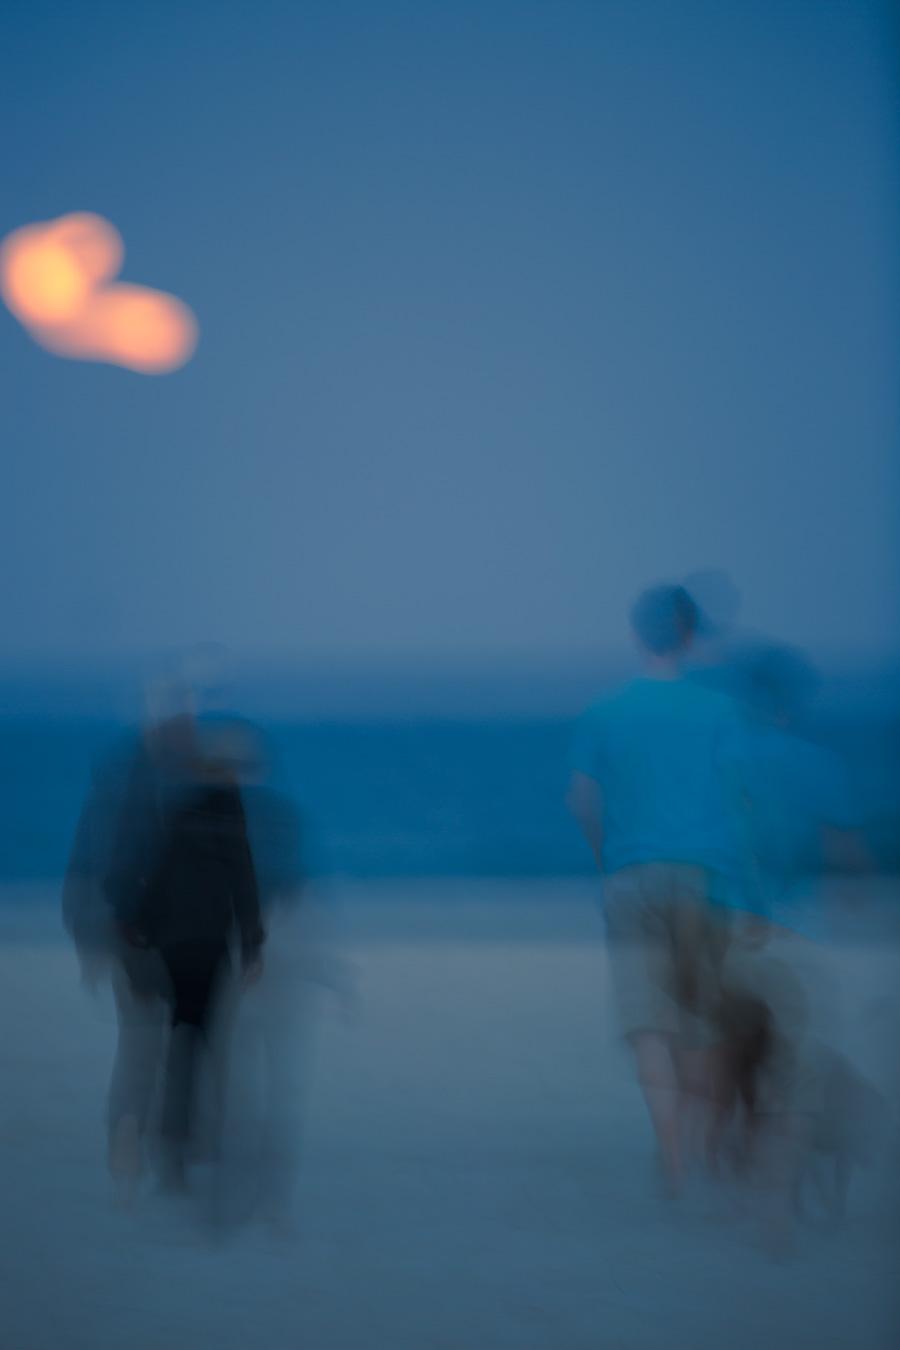 Tomorrow it will al be a blur